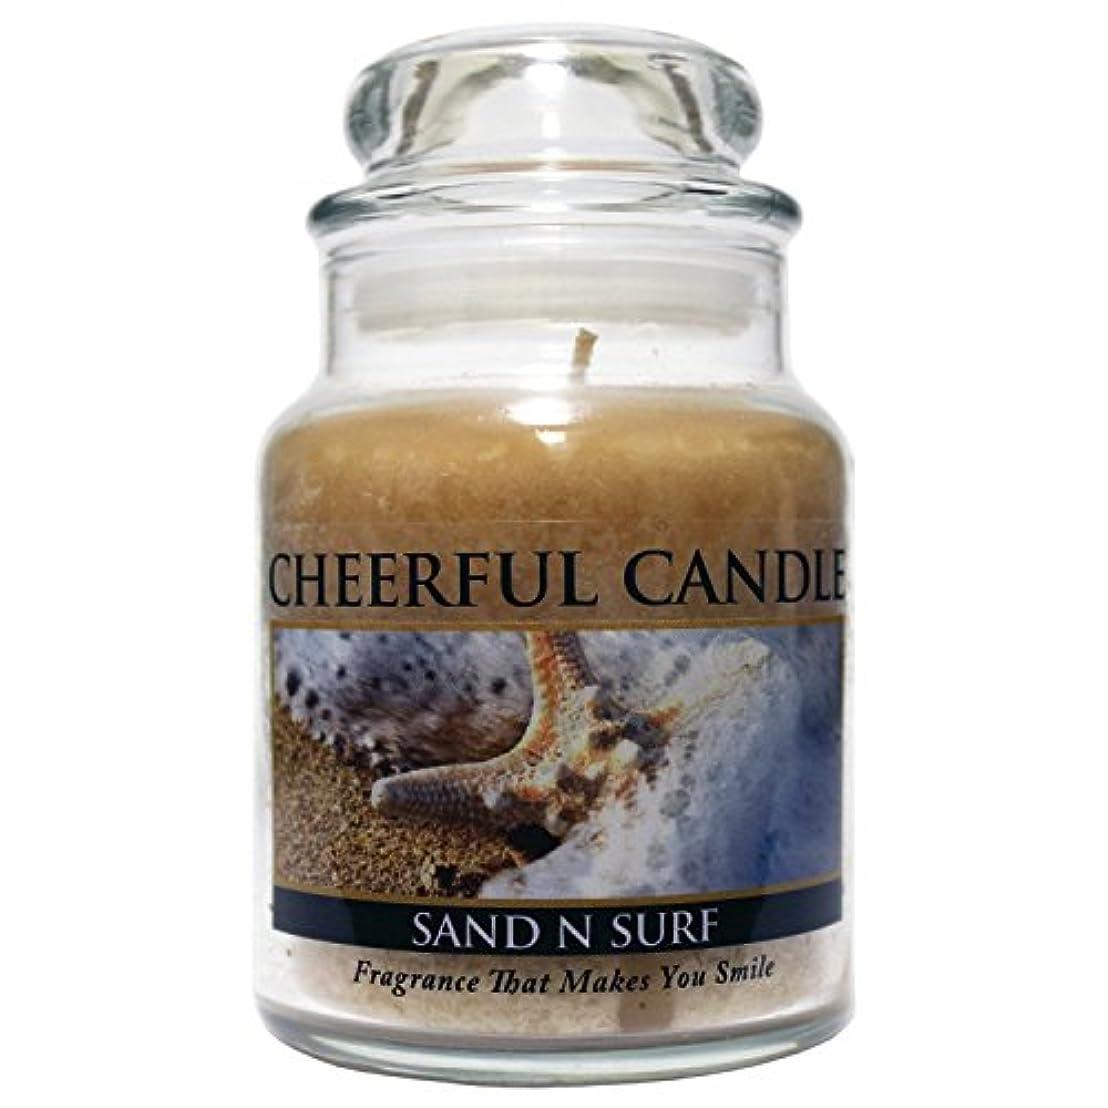 寸前朝の体操をする親愛なA Cheerful Giver Sand 'n Surf Jar Candle, 6-Ounce [並行輸入品]